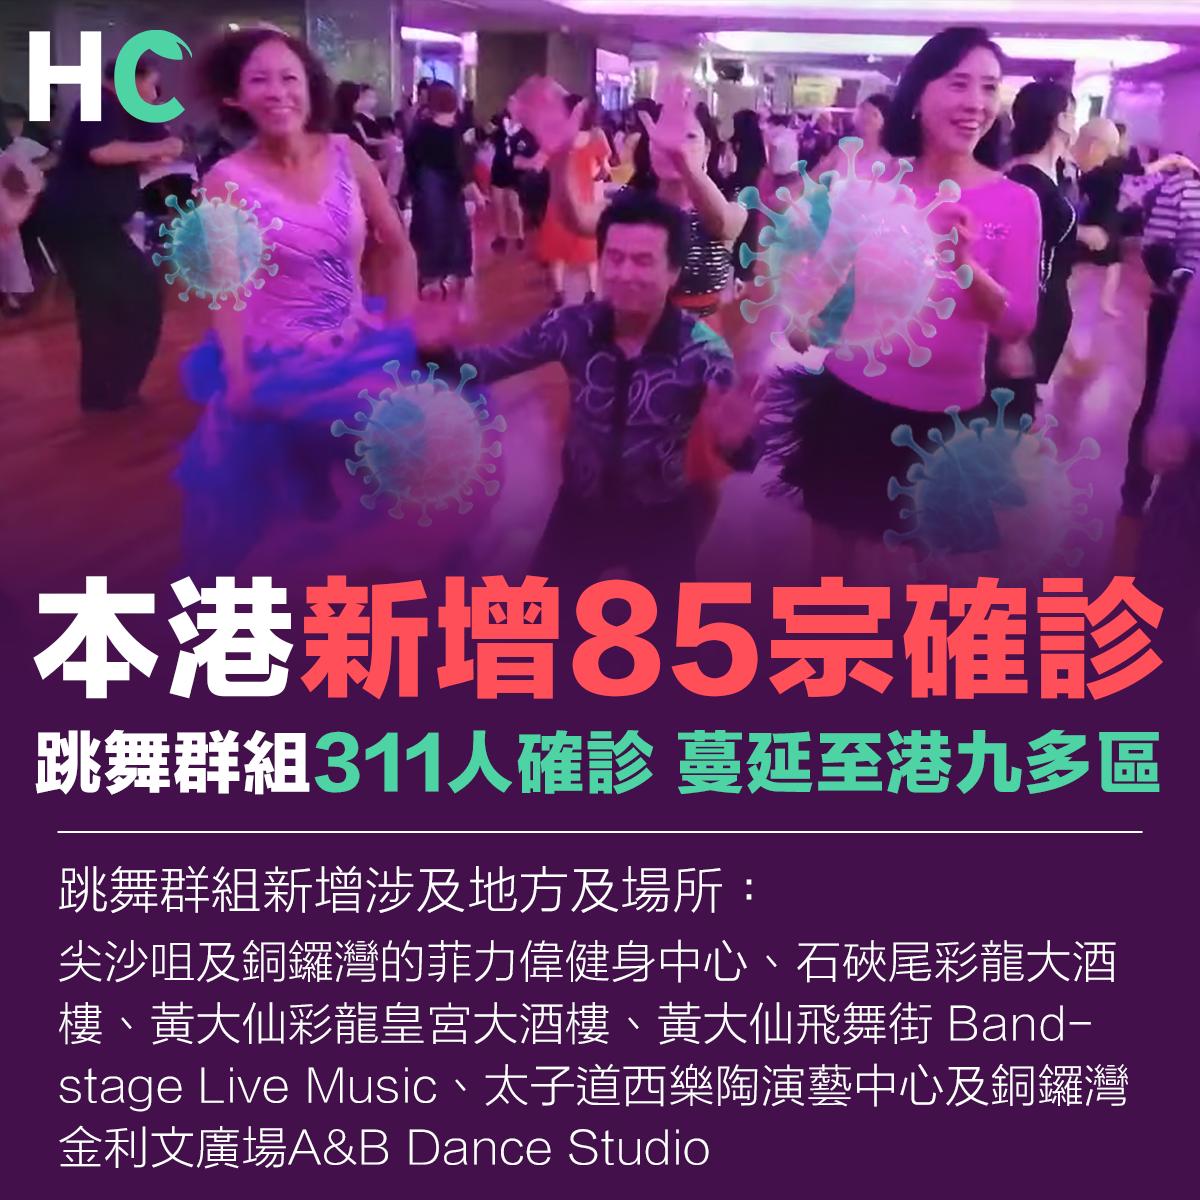 本港新增85宗確診 跳舞群組增至311人確診